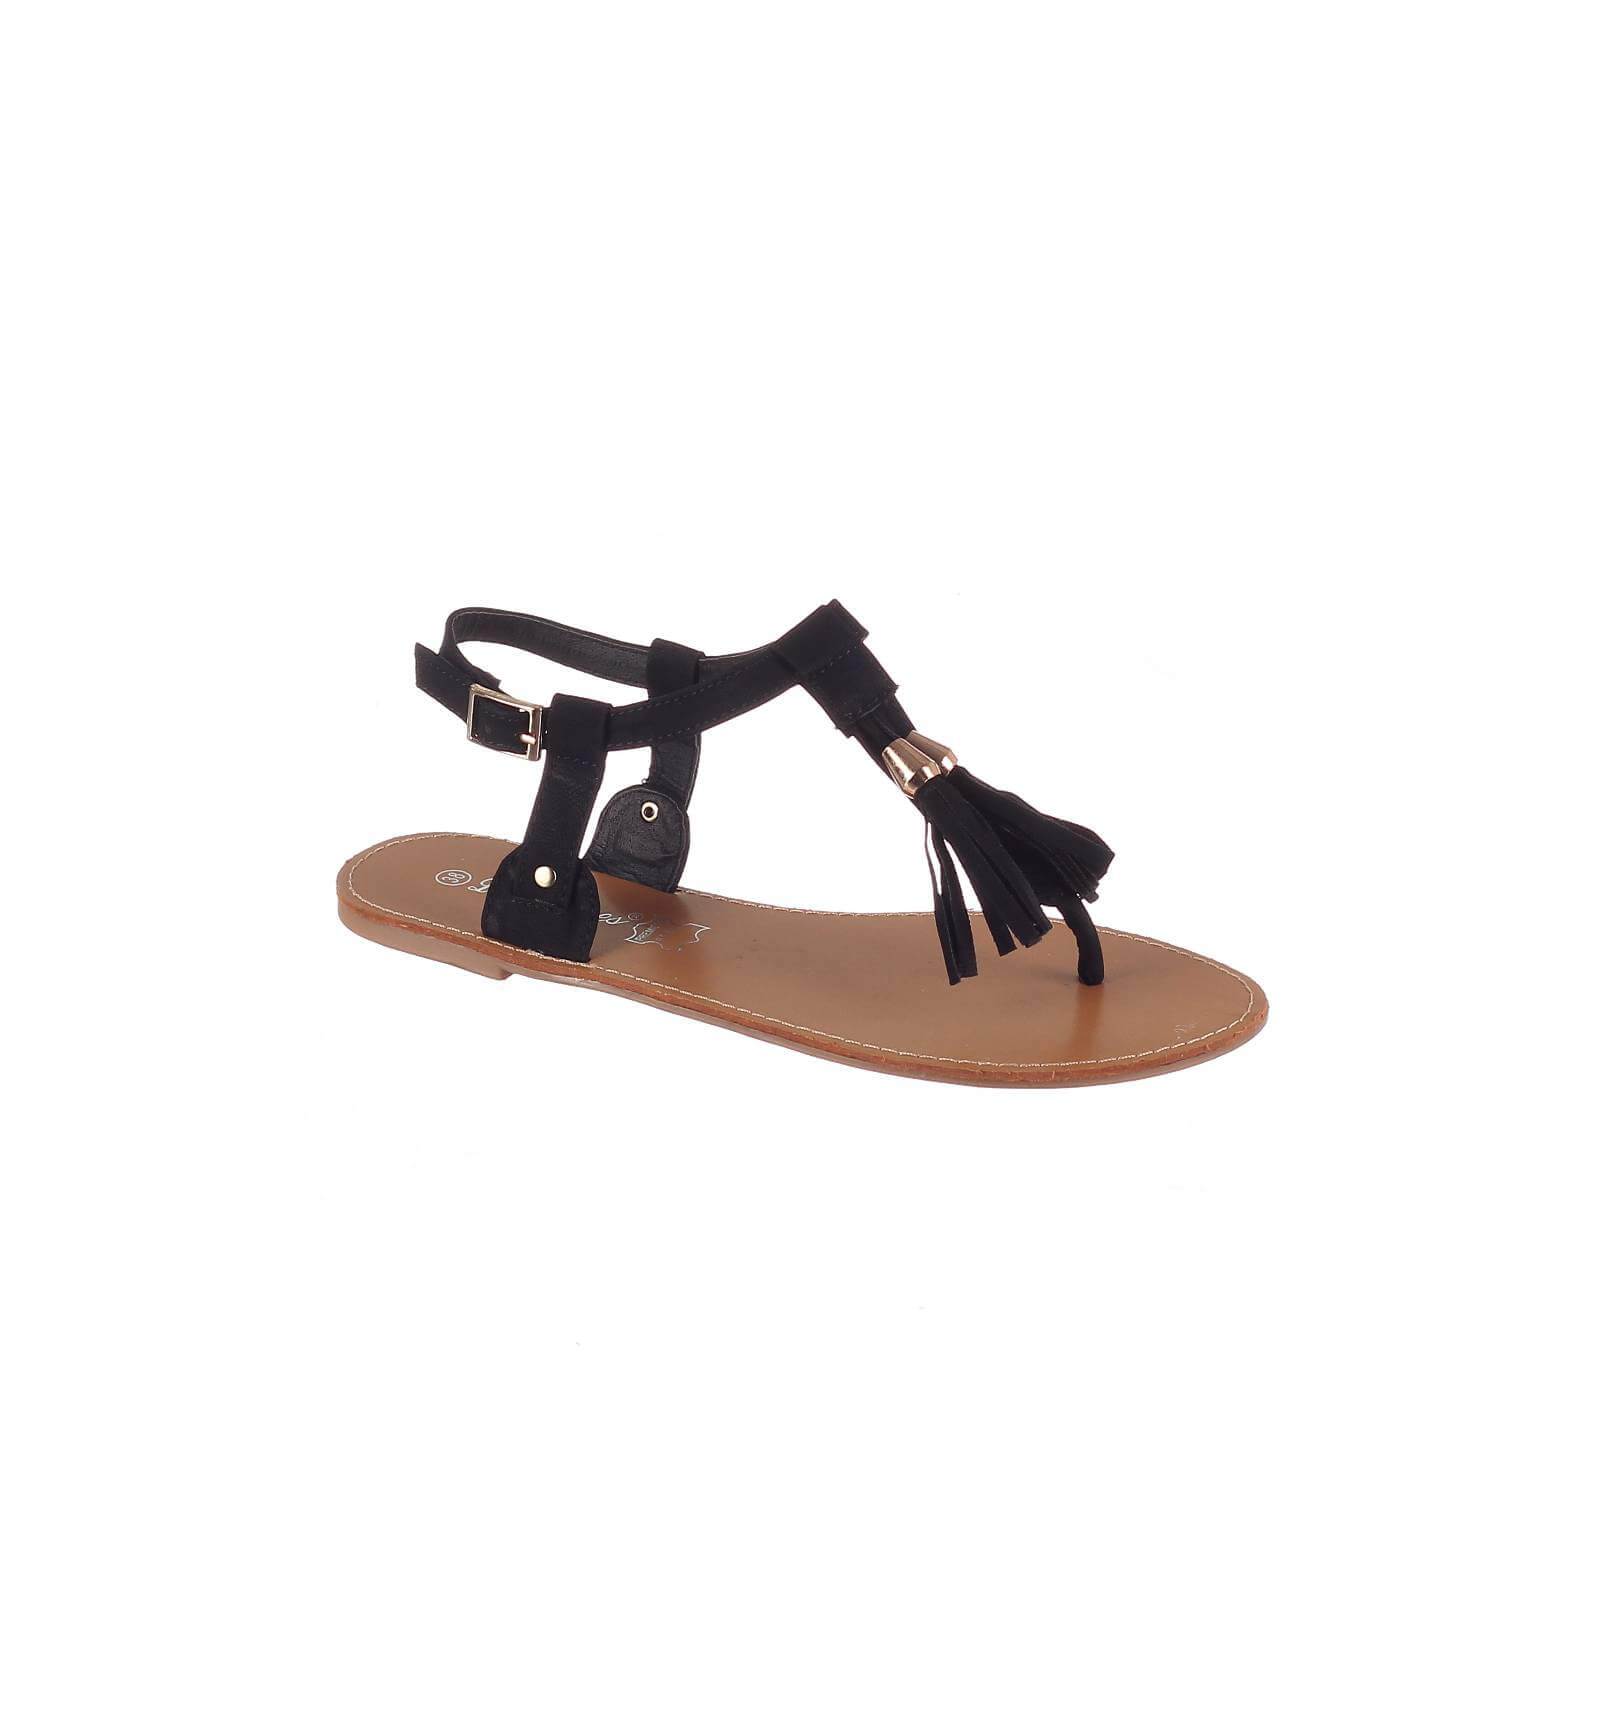 la paire de sandale pretty simili cuir frange noire et pompon. Black Bedroom Furniture Sets. Home Design Ideas